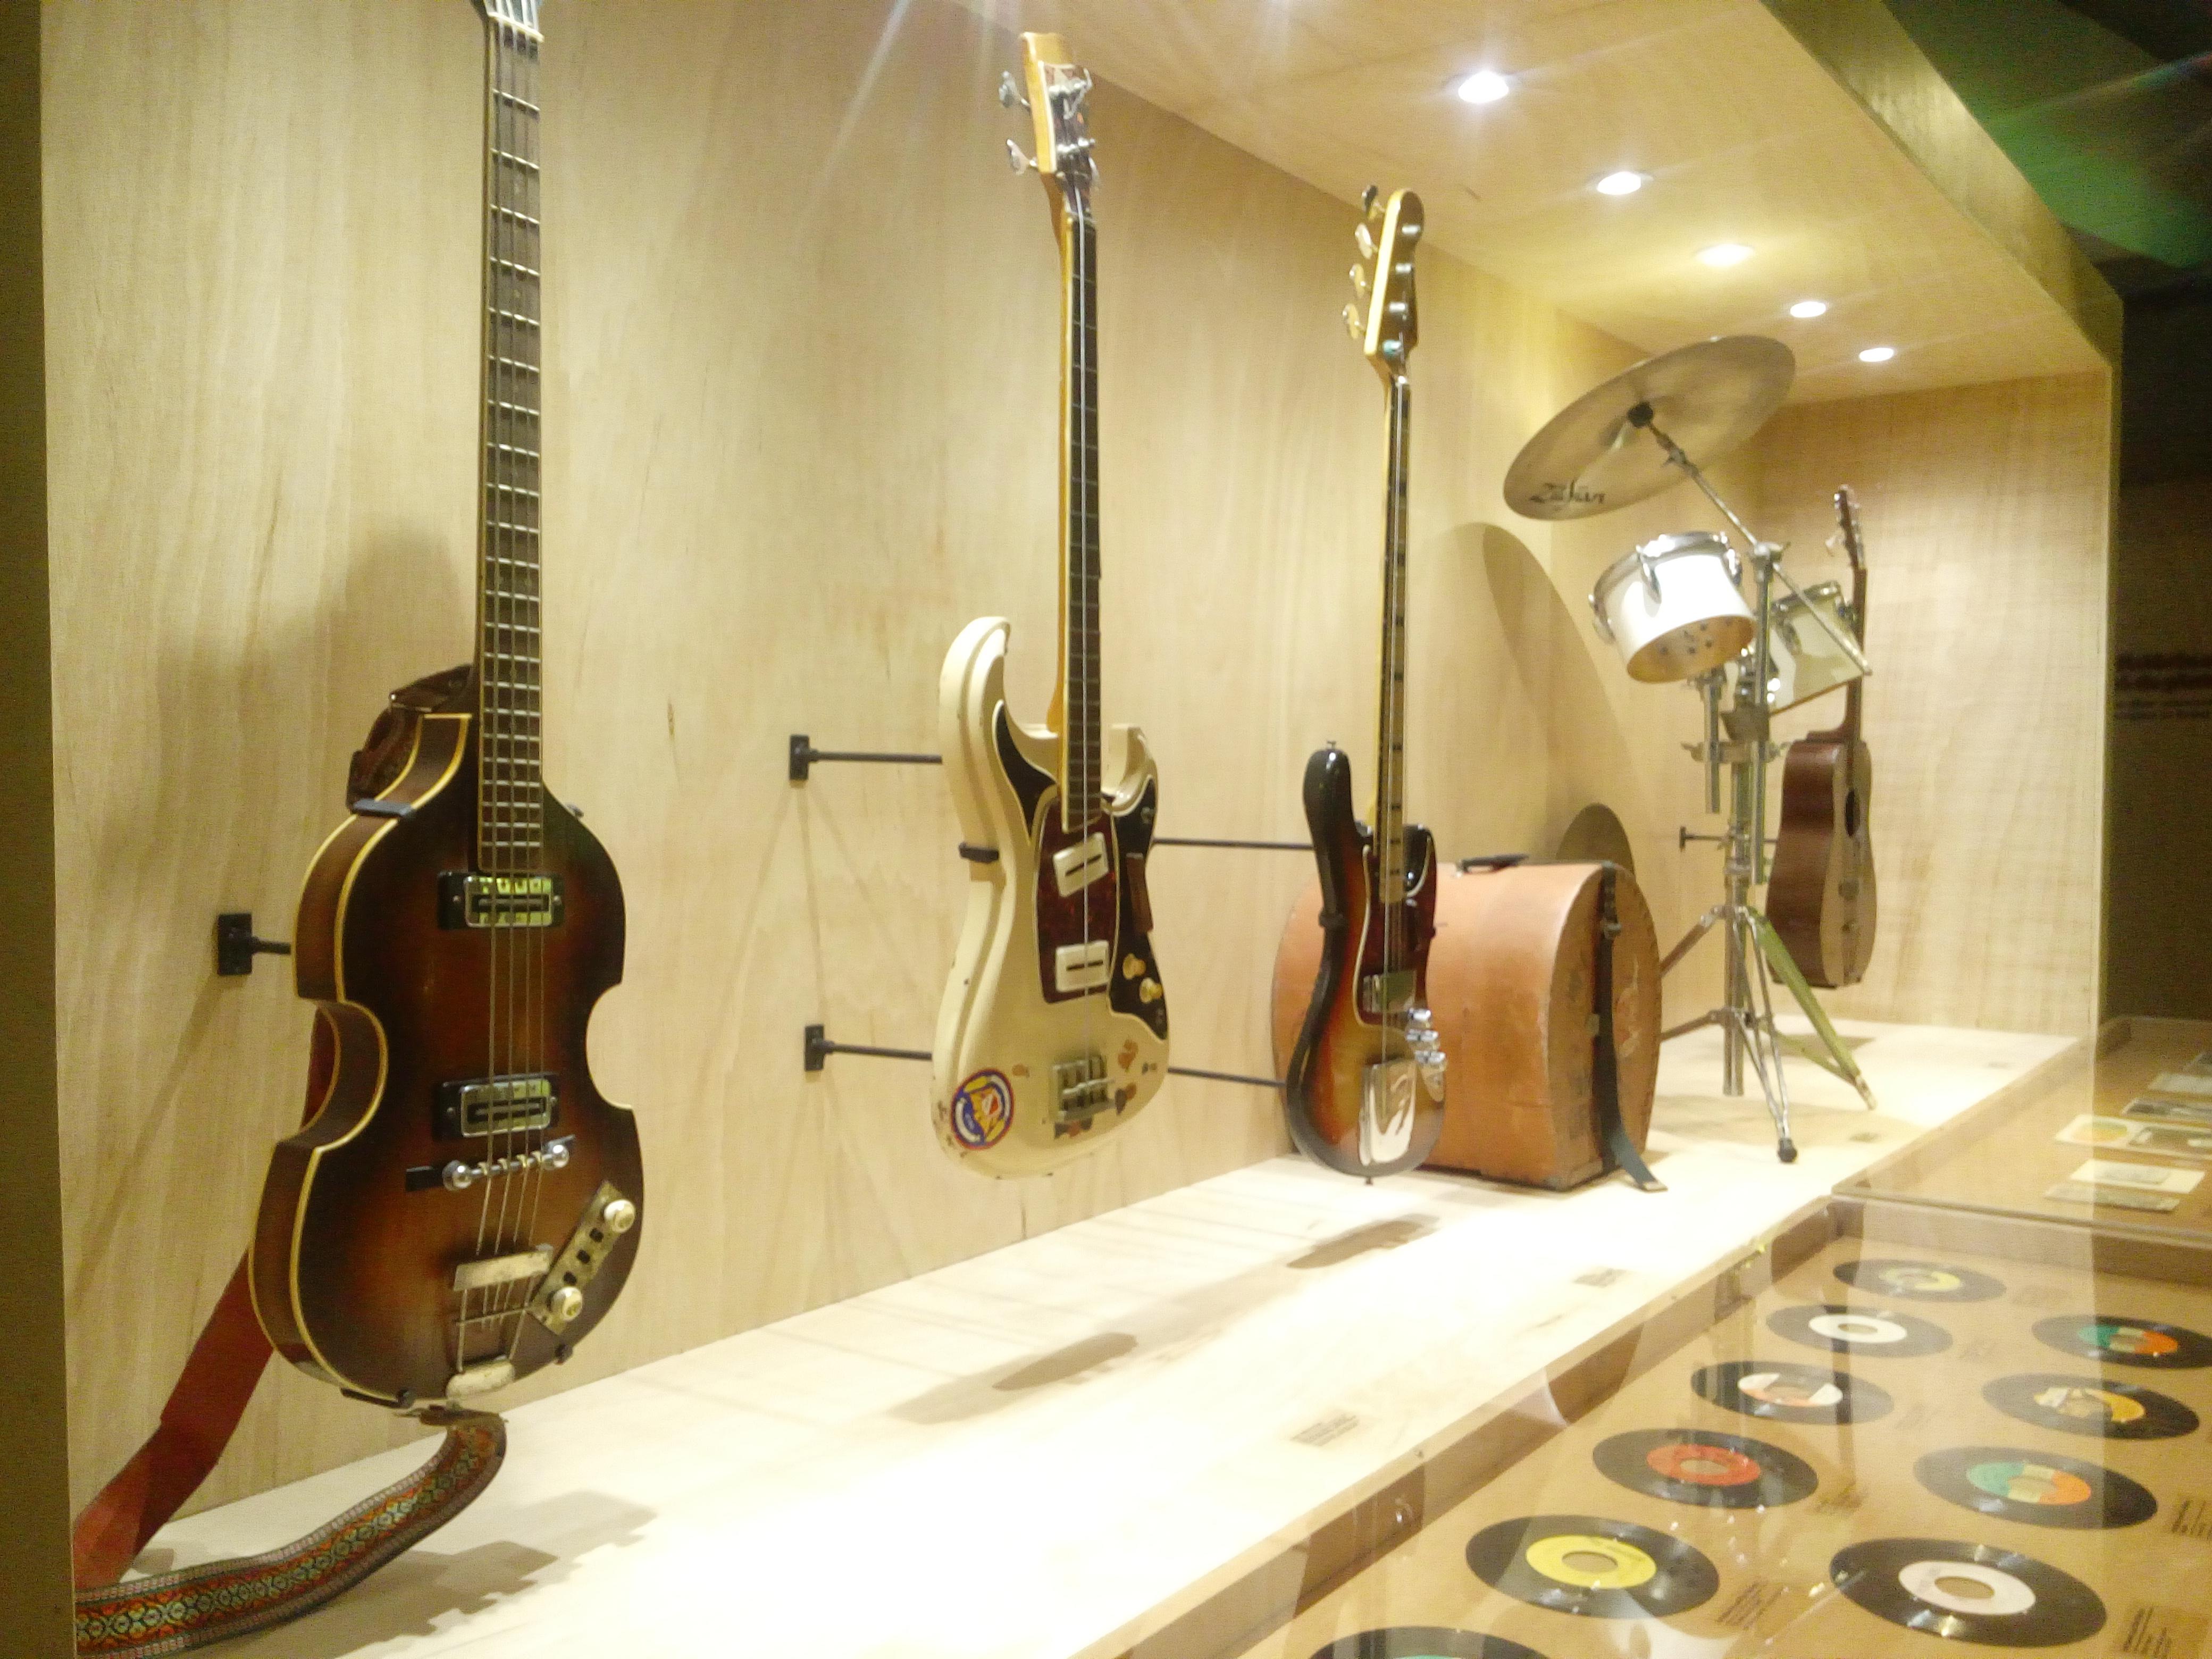 Instrumentos musicais Jamaica Jamaica